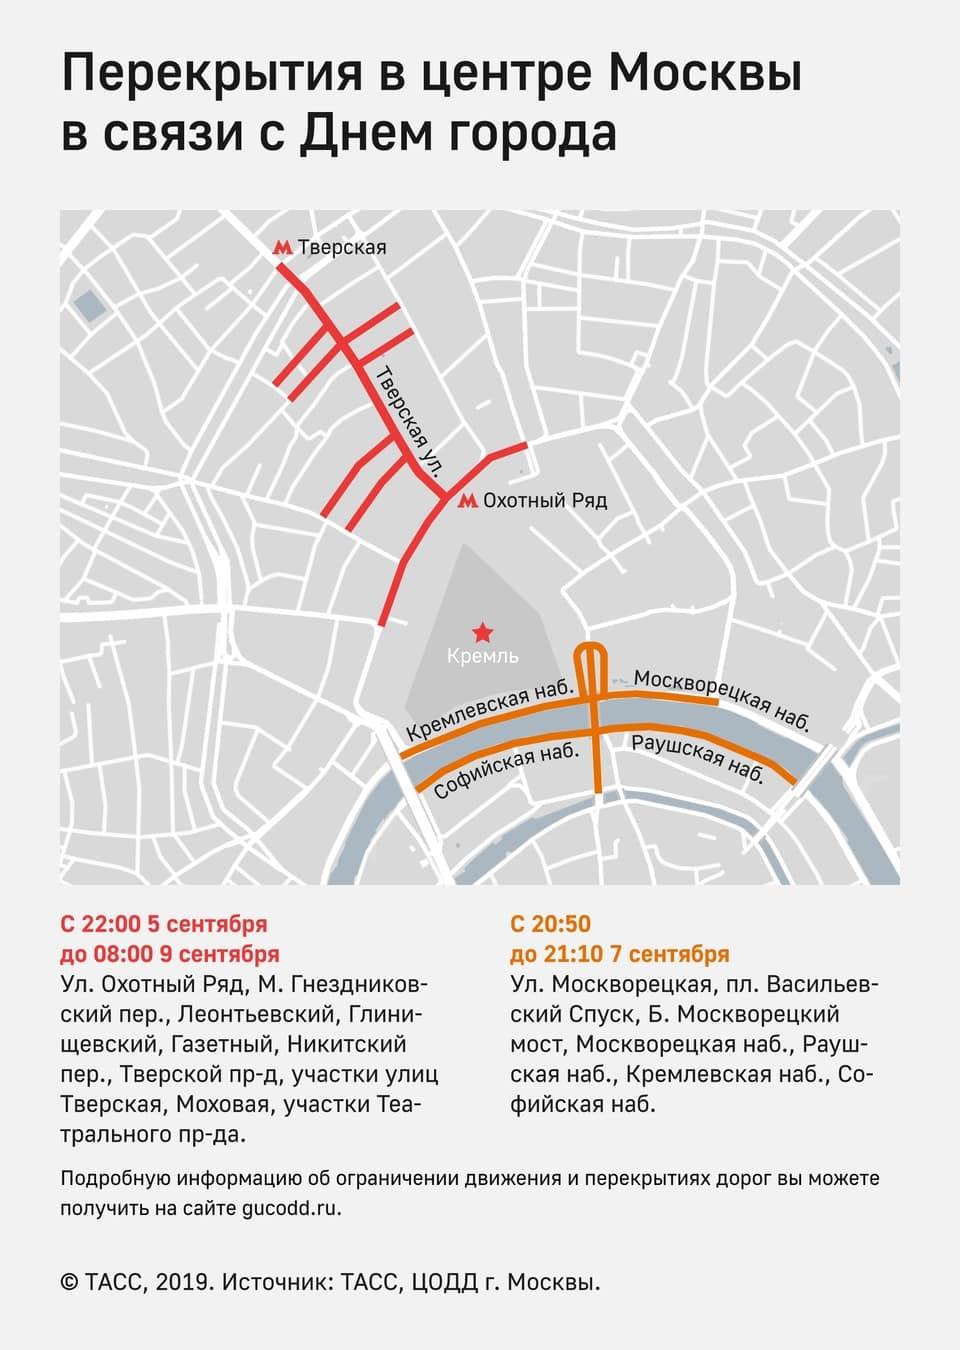 Где и когда в Москве перекроют дороги из-за Дня города